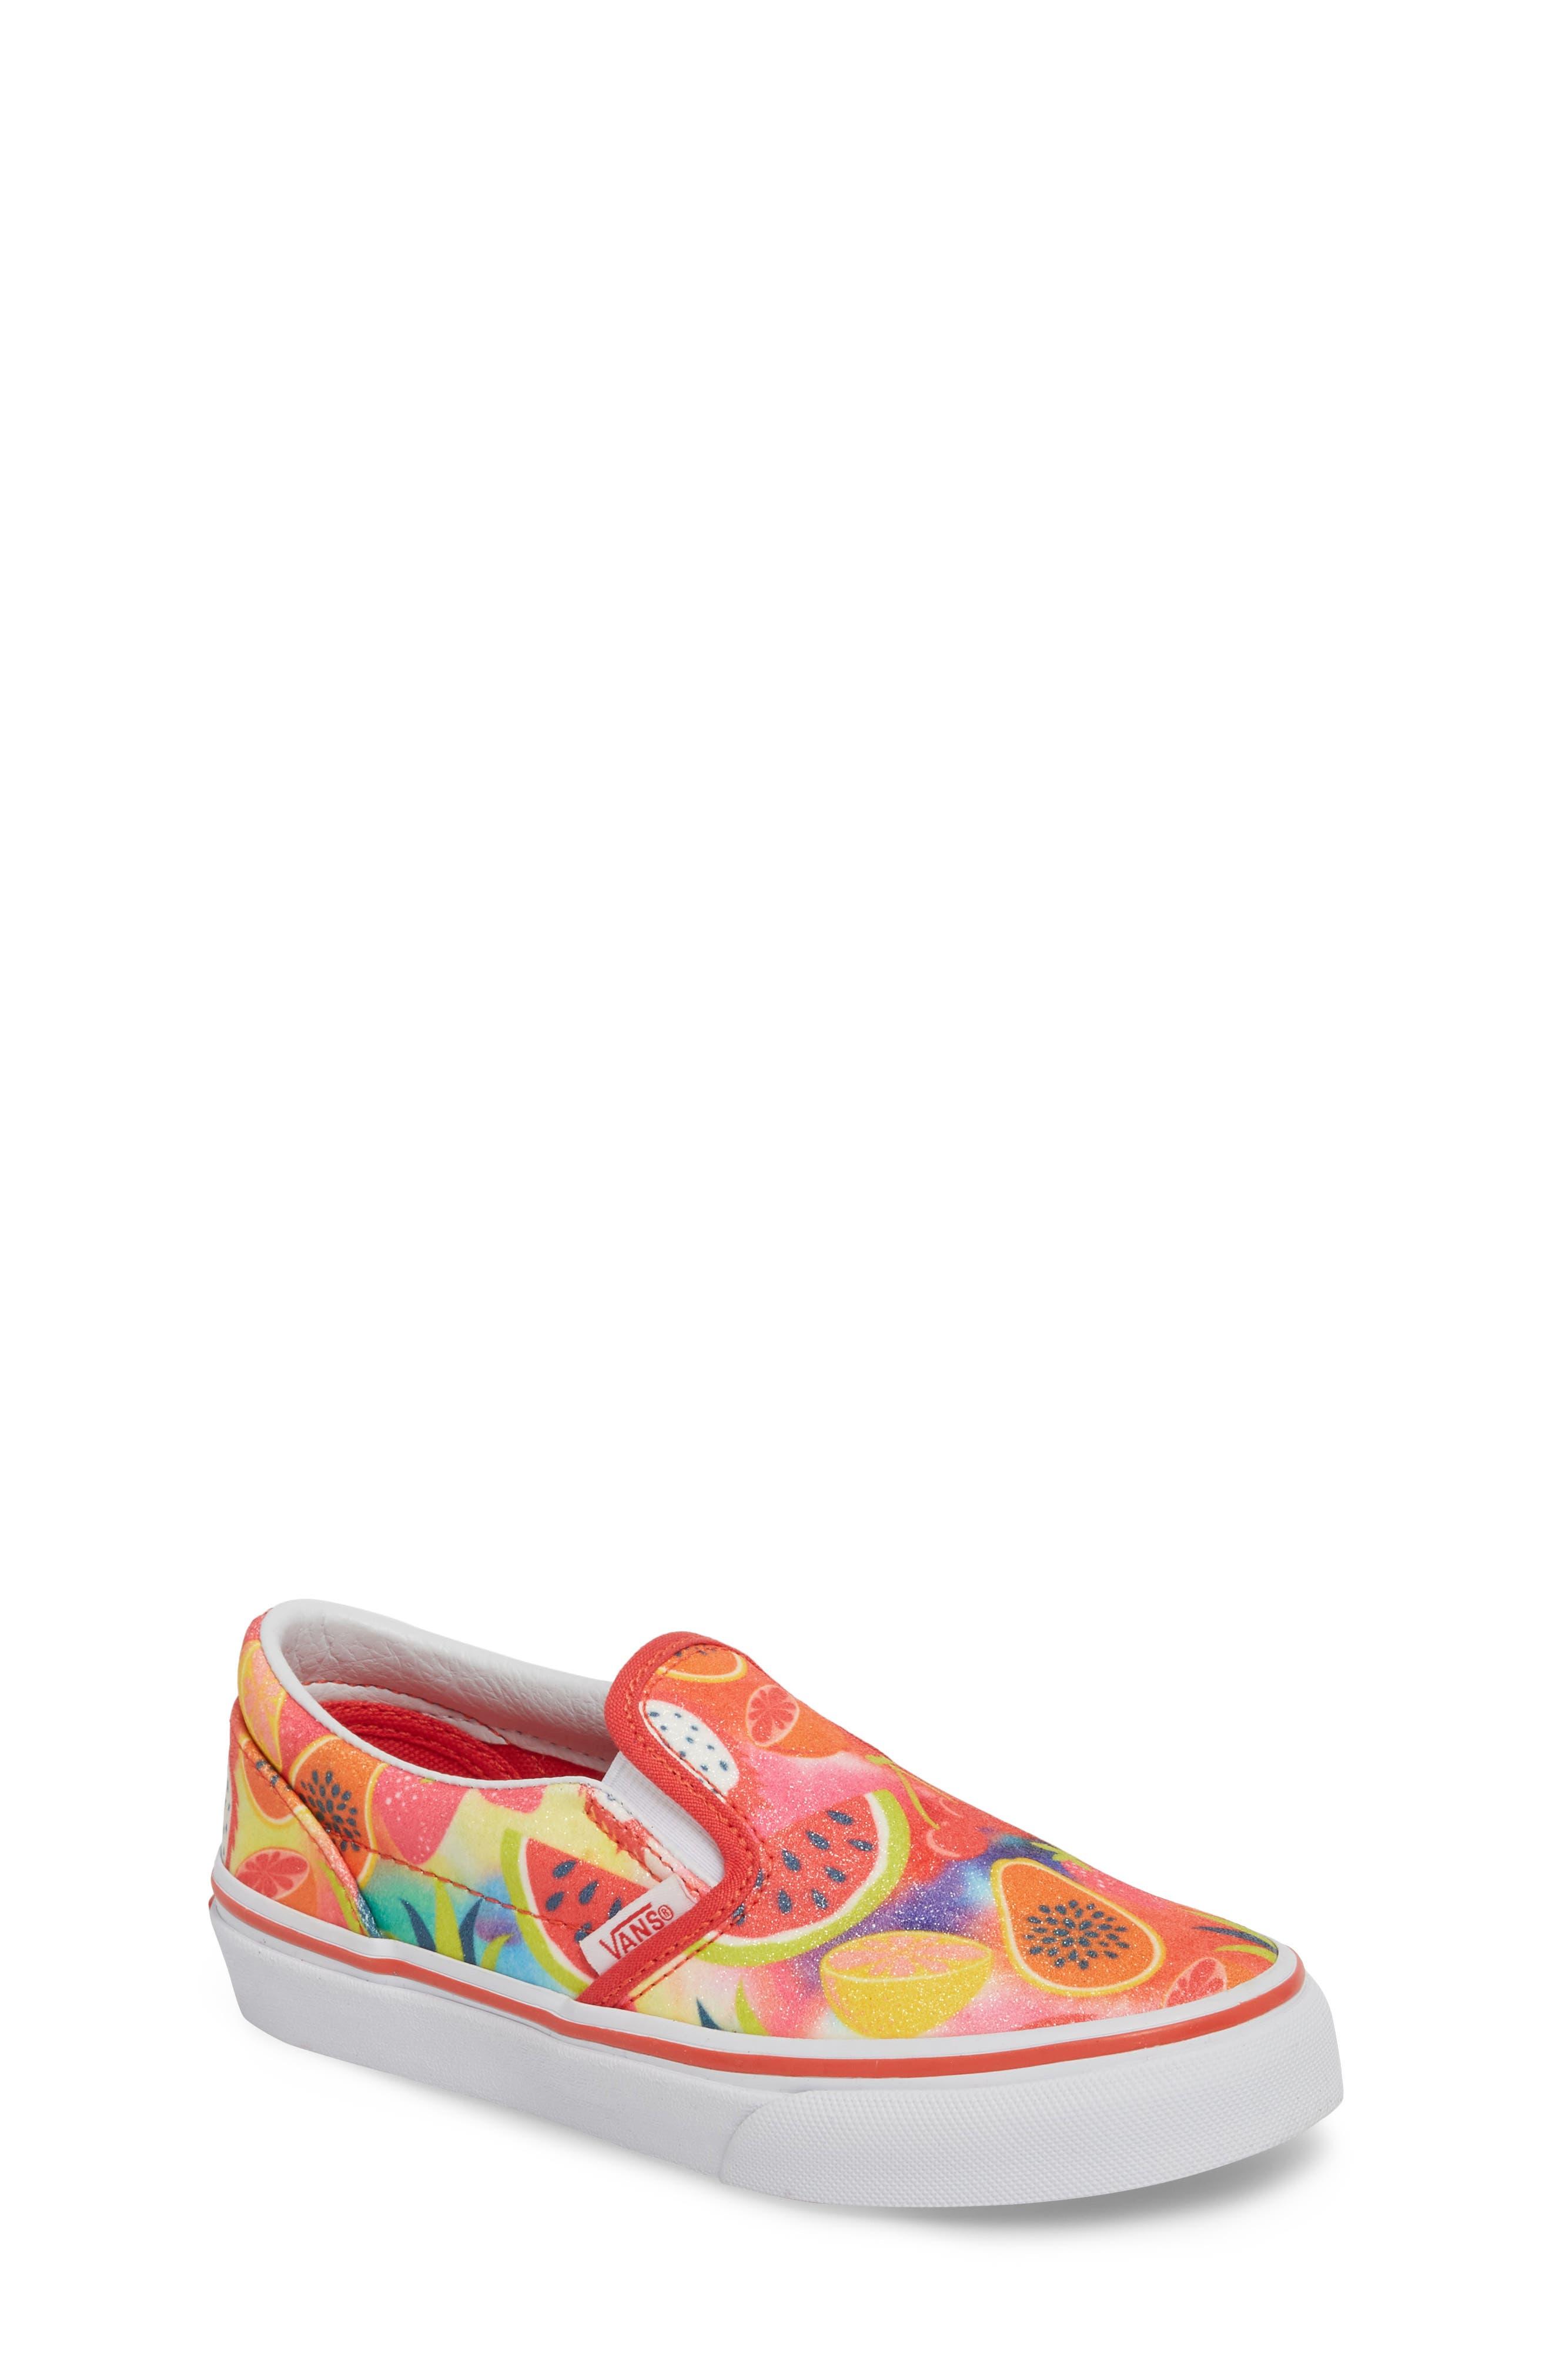 Classic Glitter Fruit Slip-On Sneaker,                             Main thumbnail 1, color,                             White/ Multi Glitter Fruits